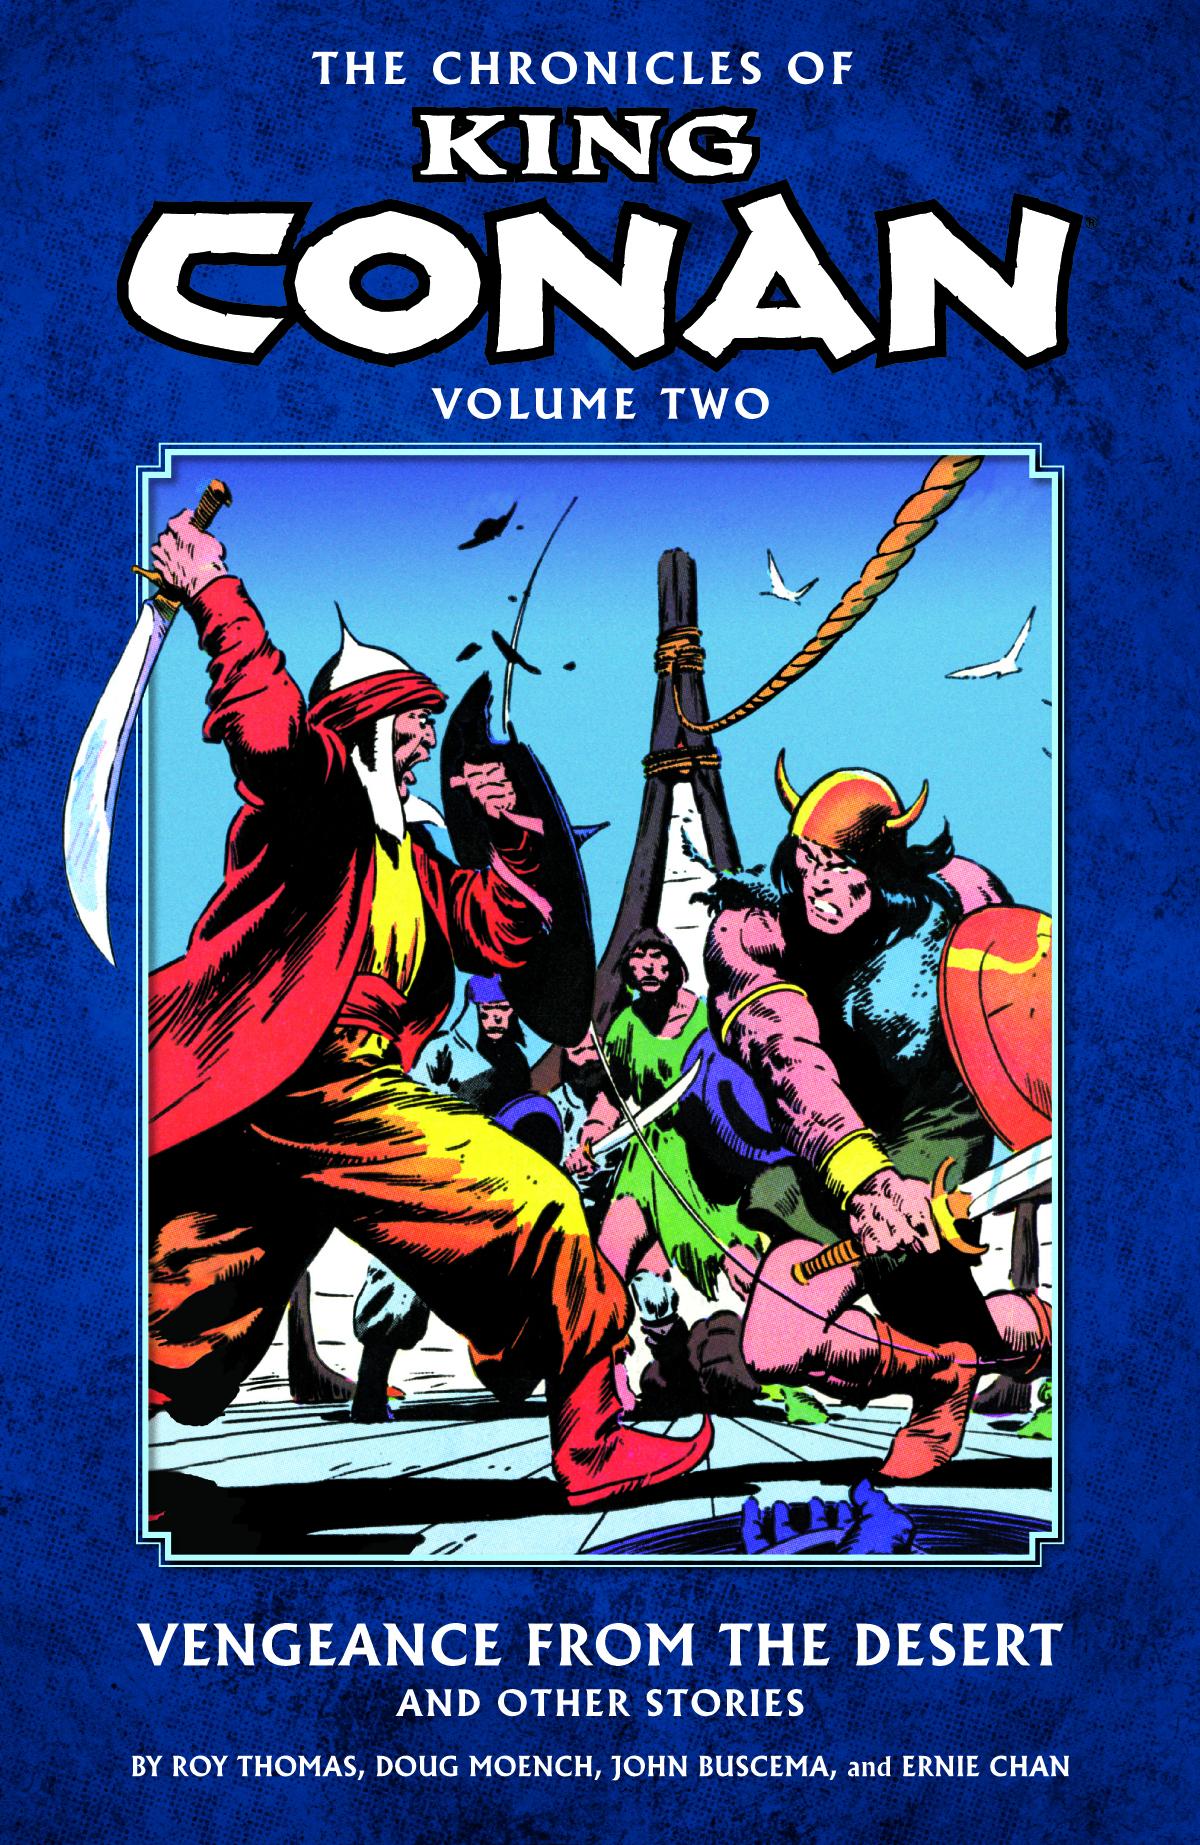 CHRONICLES OF KING CONAN TP VOL 02 VENGEANCE DESERT